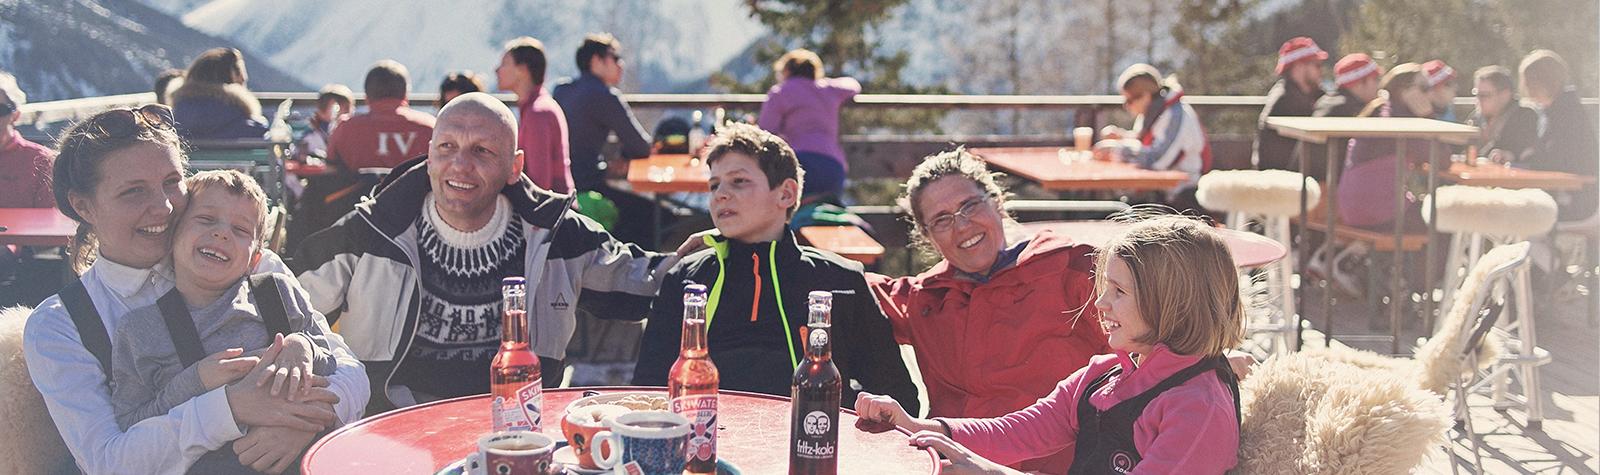 Eine kulinarische Hüttentour durch die Brandnertaler Bergwelt